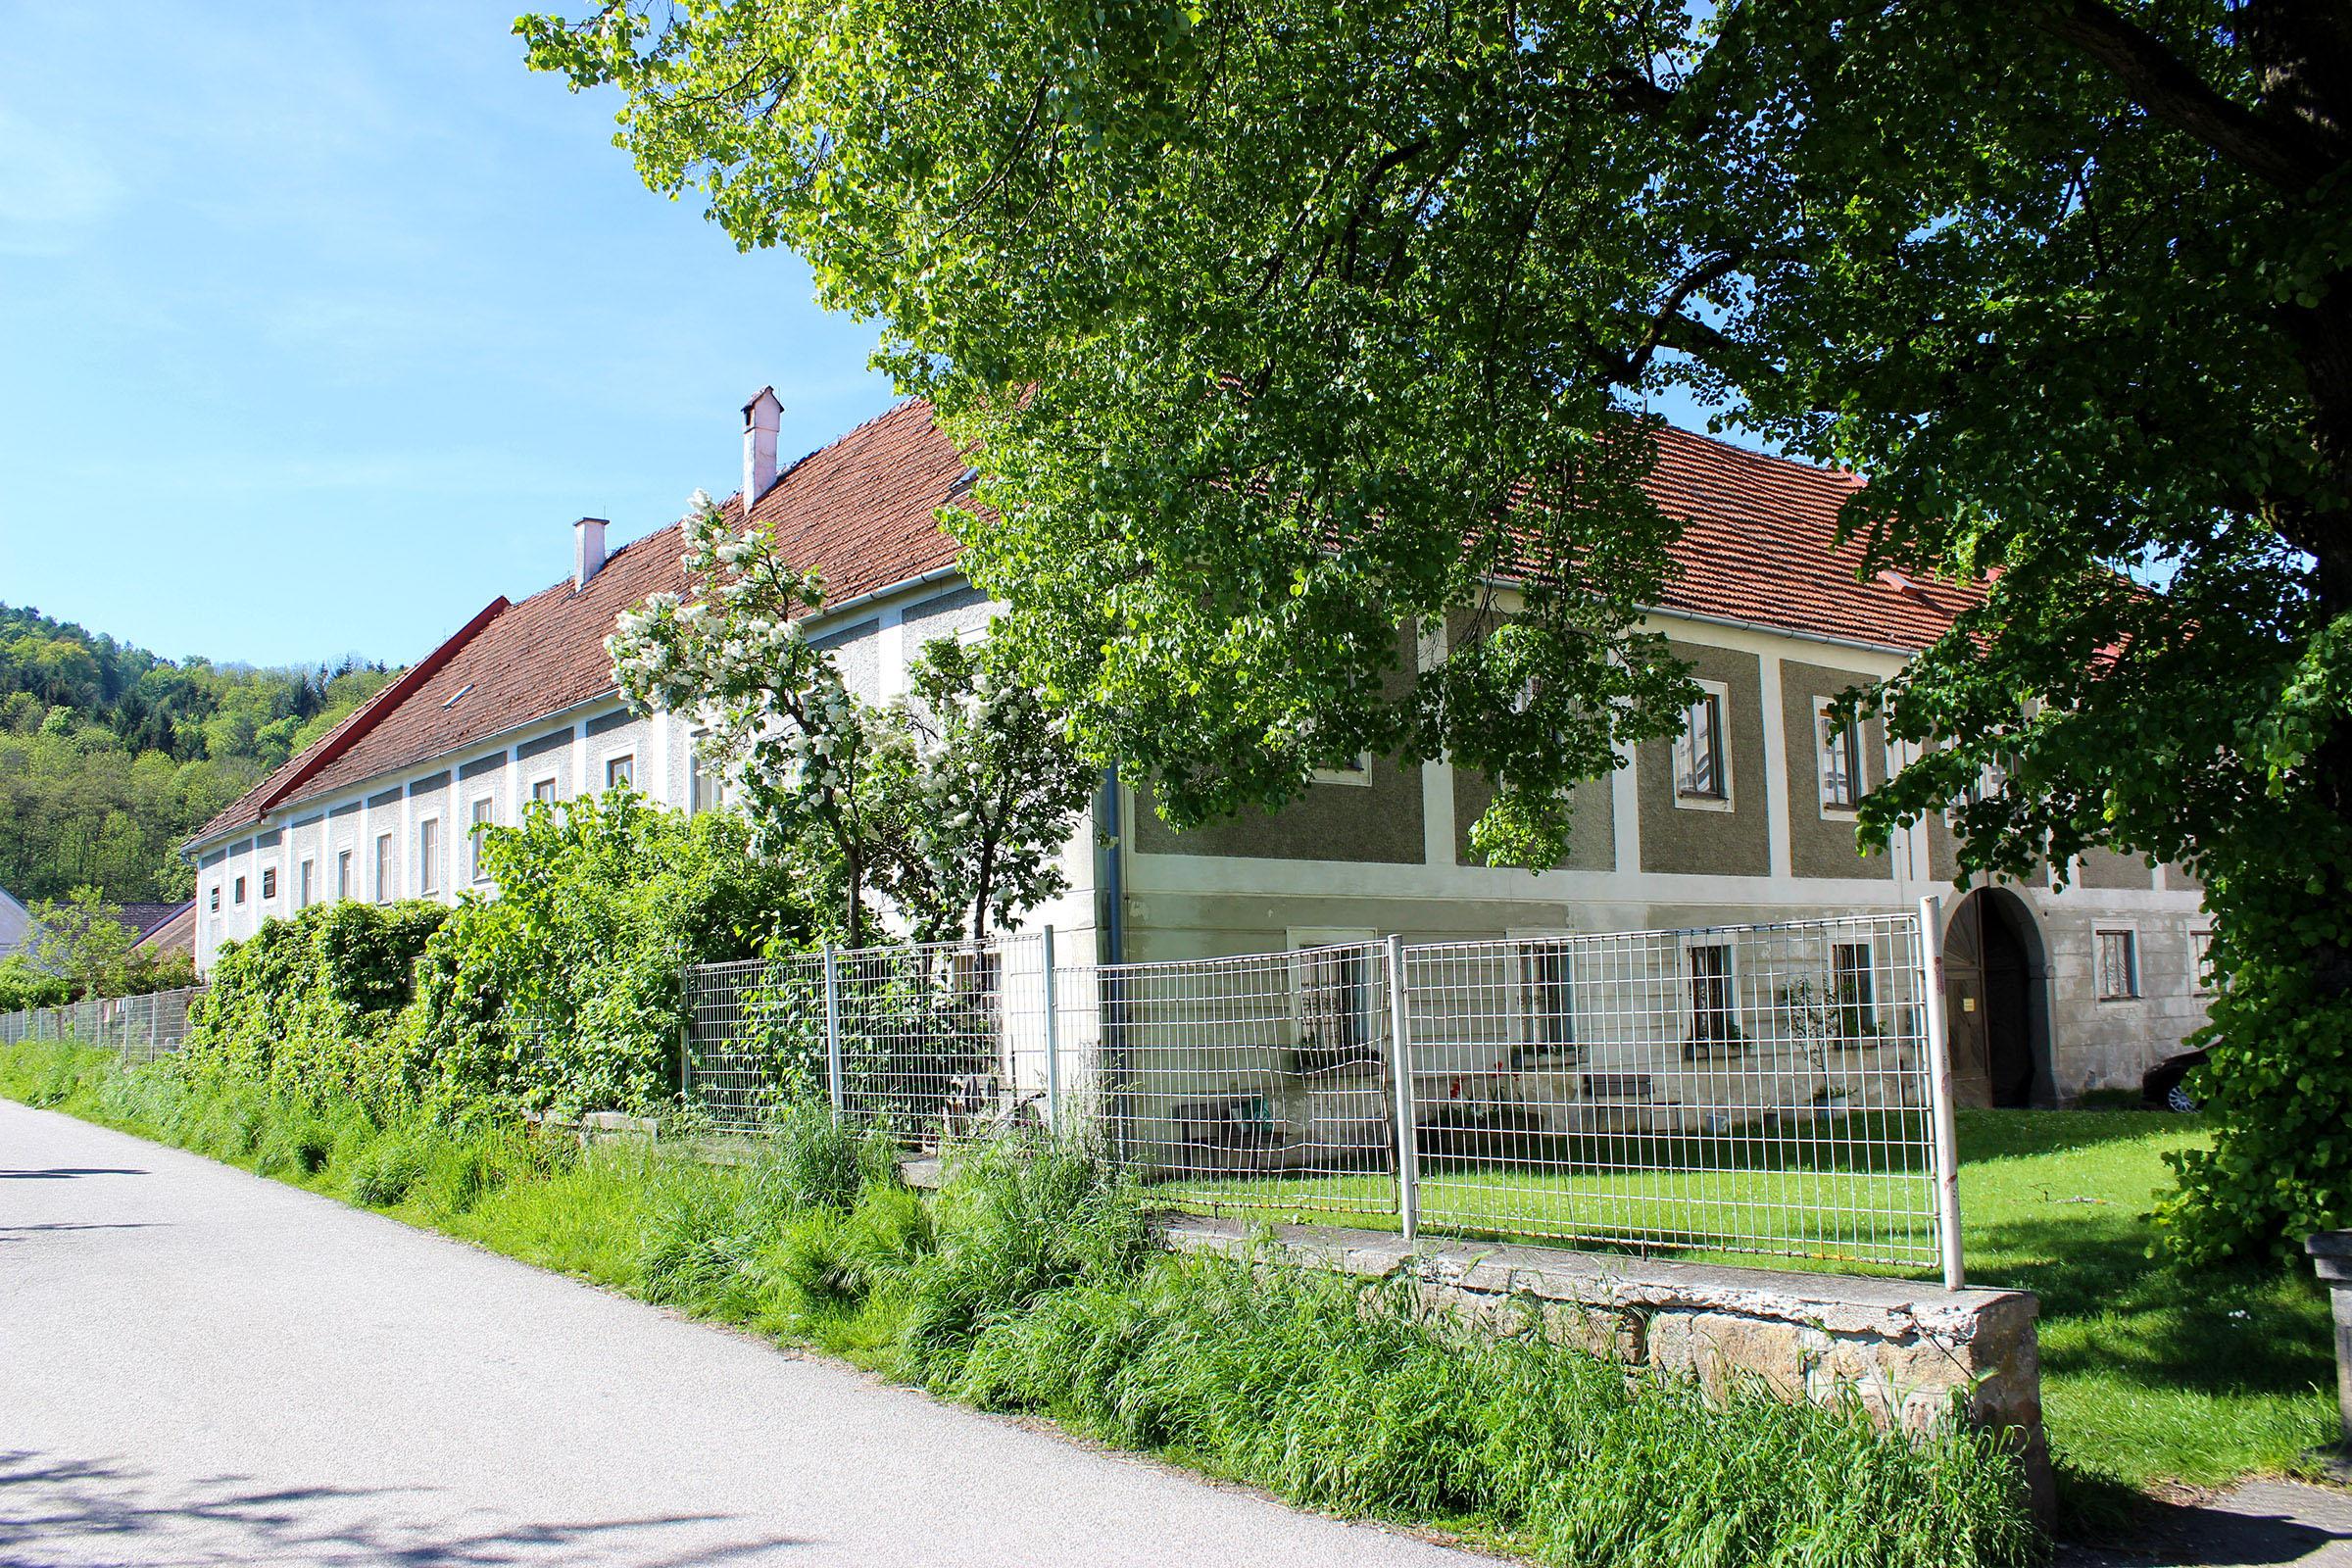 SPAR Unterweienbach - 4273 - Markt 4 | SPAR sterreich